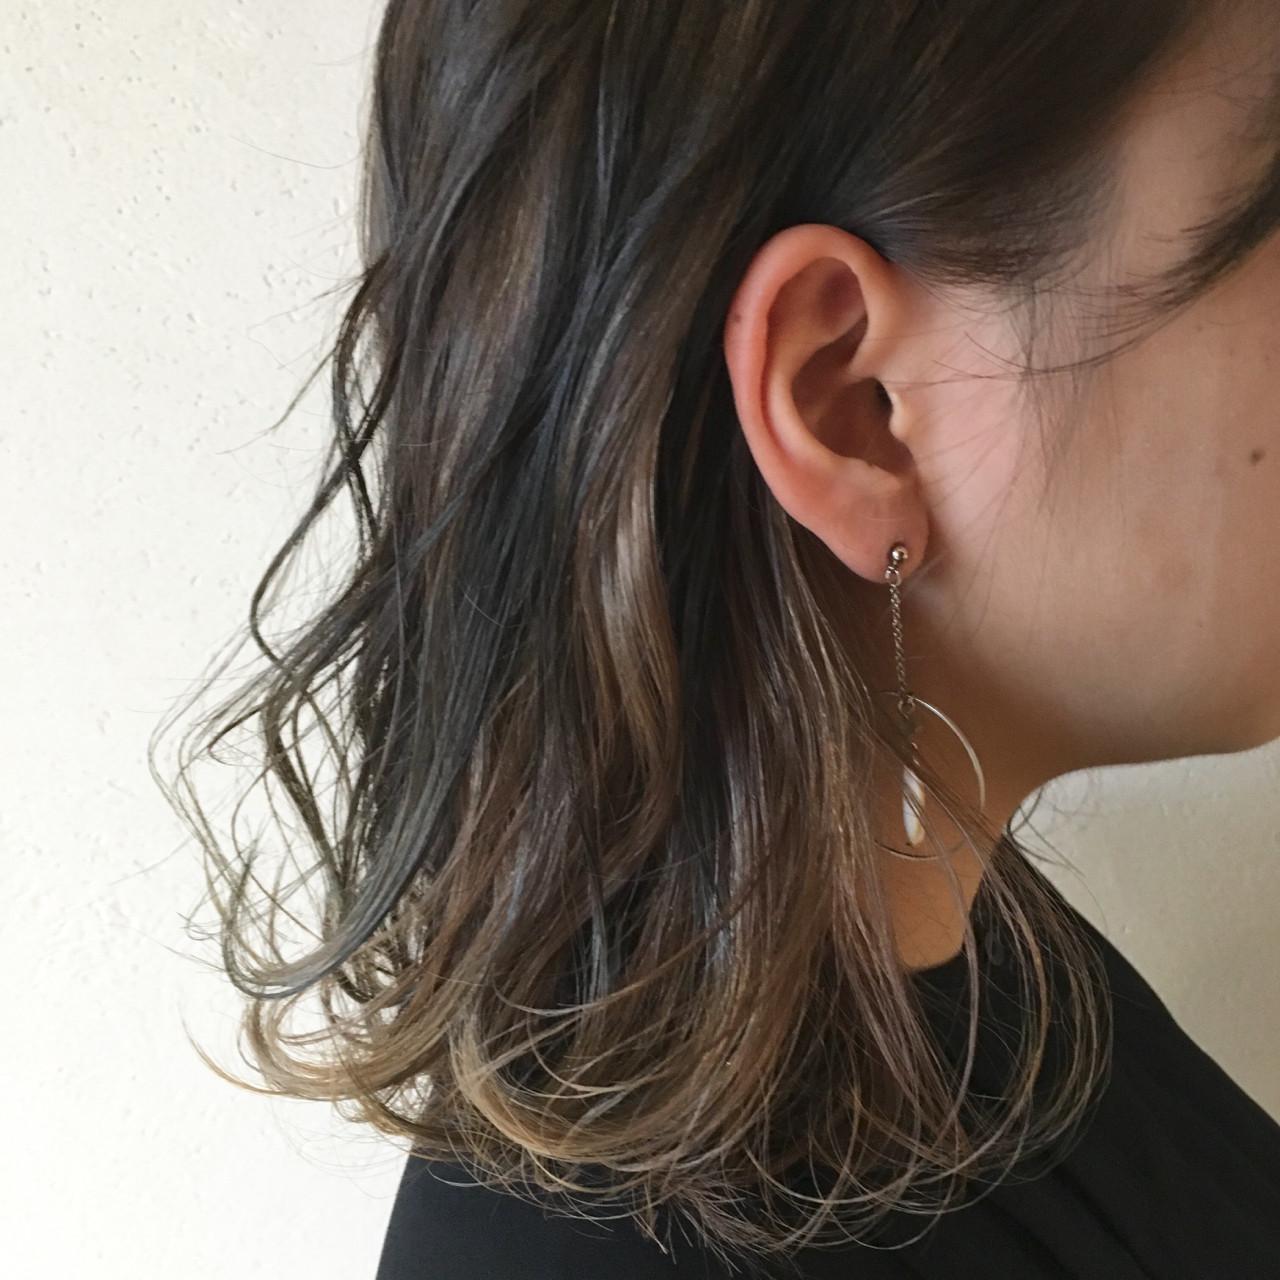 ミディアム ストリート 外国人風カラー インナーカラー ヘアスタイルや髪型の写真・画像 | 岡本 光太 / Acotto Labas